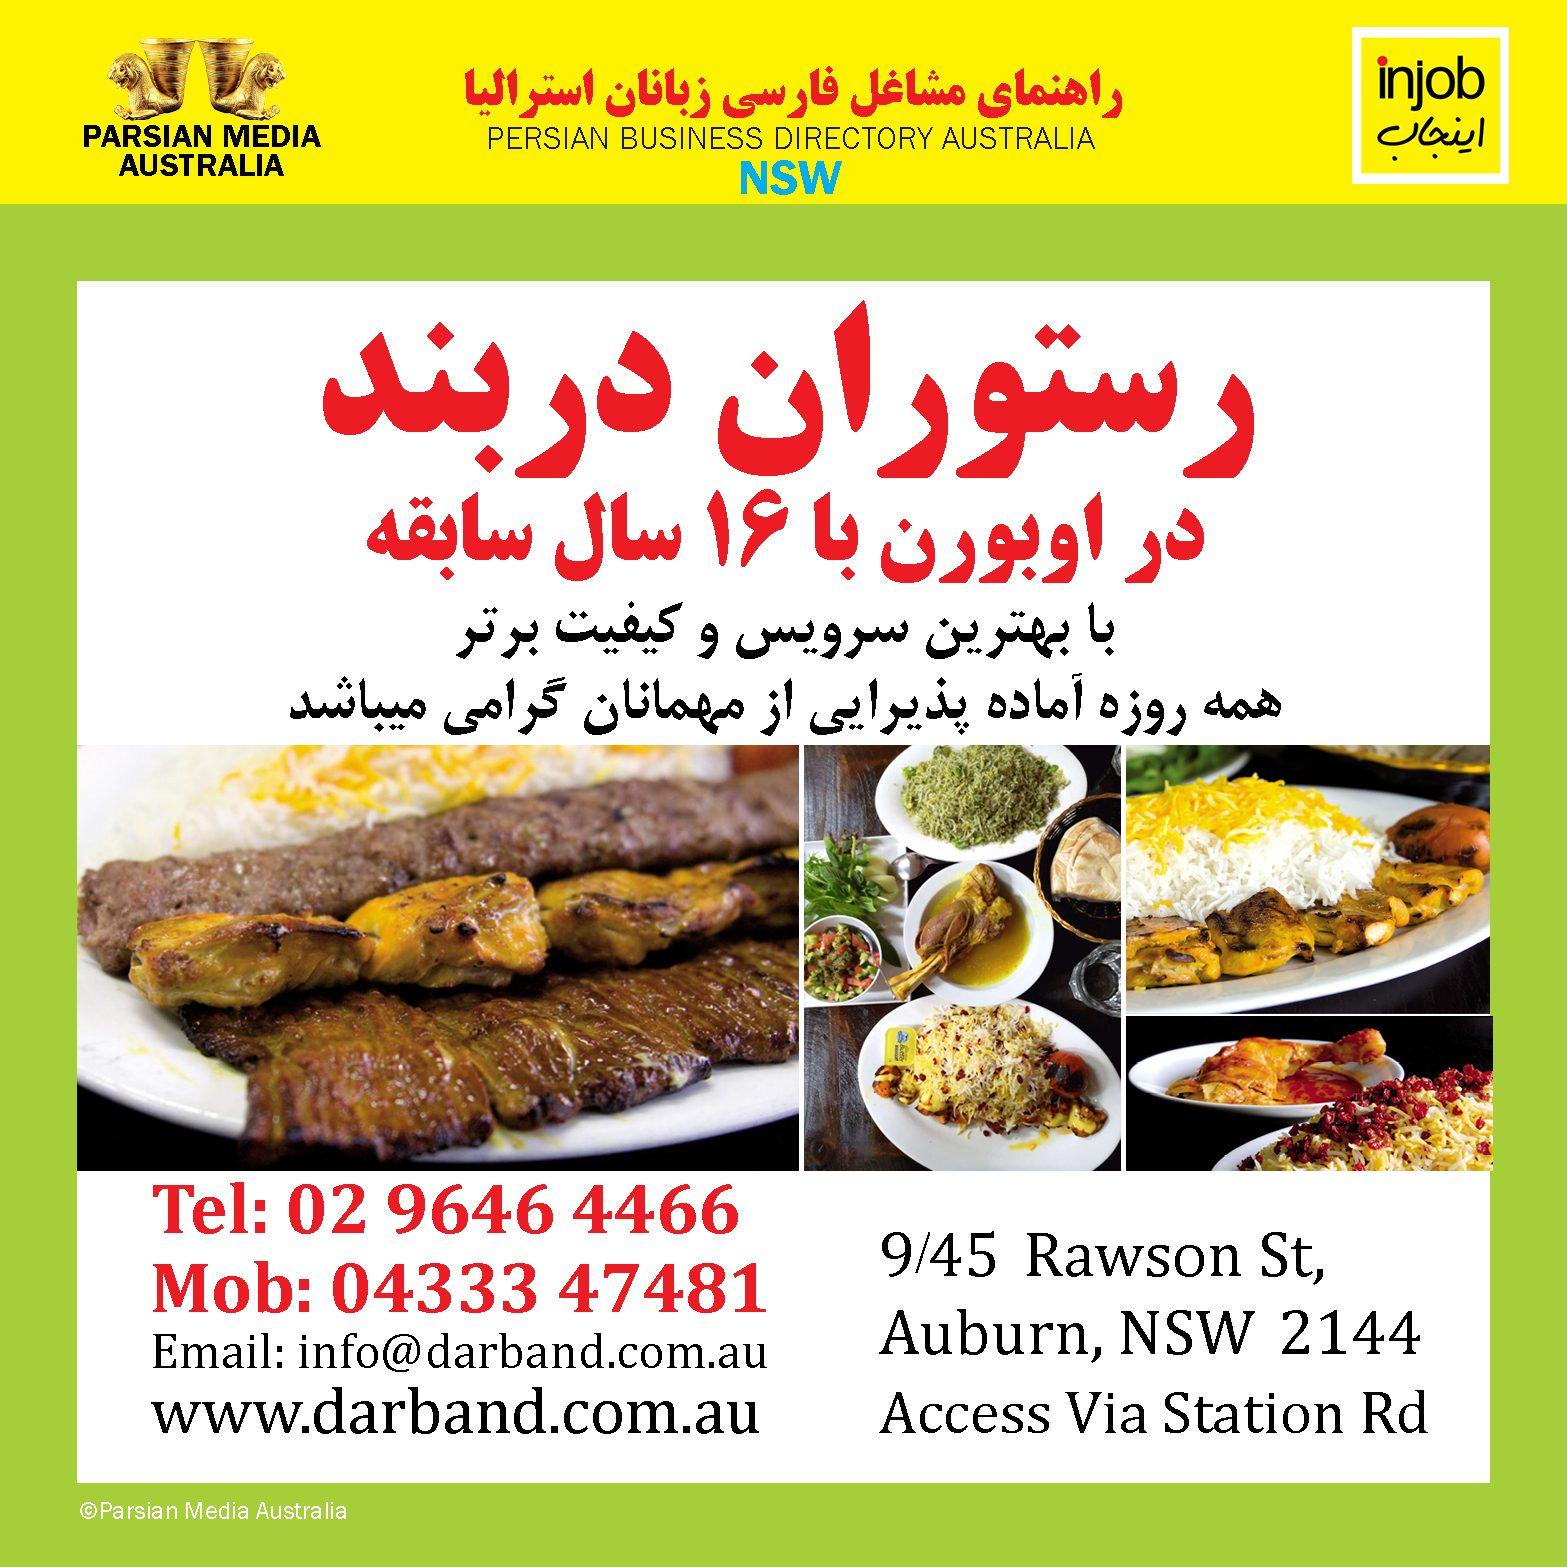 Farsi-Restaurant-Injob-2021-2022-icon.jpg